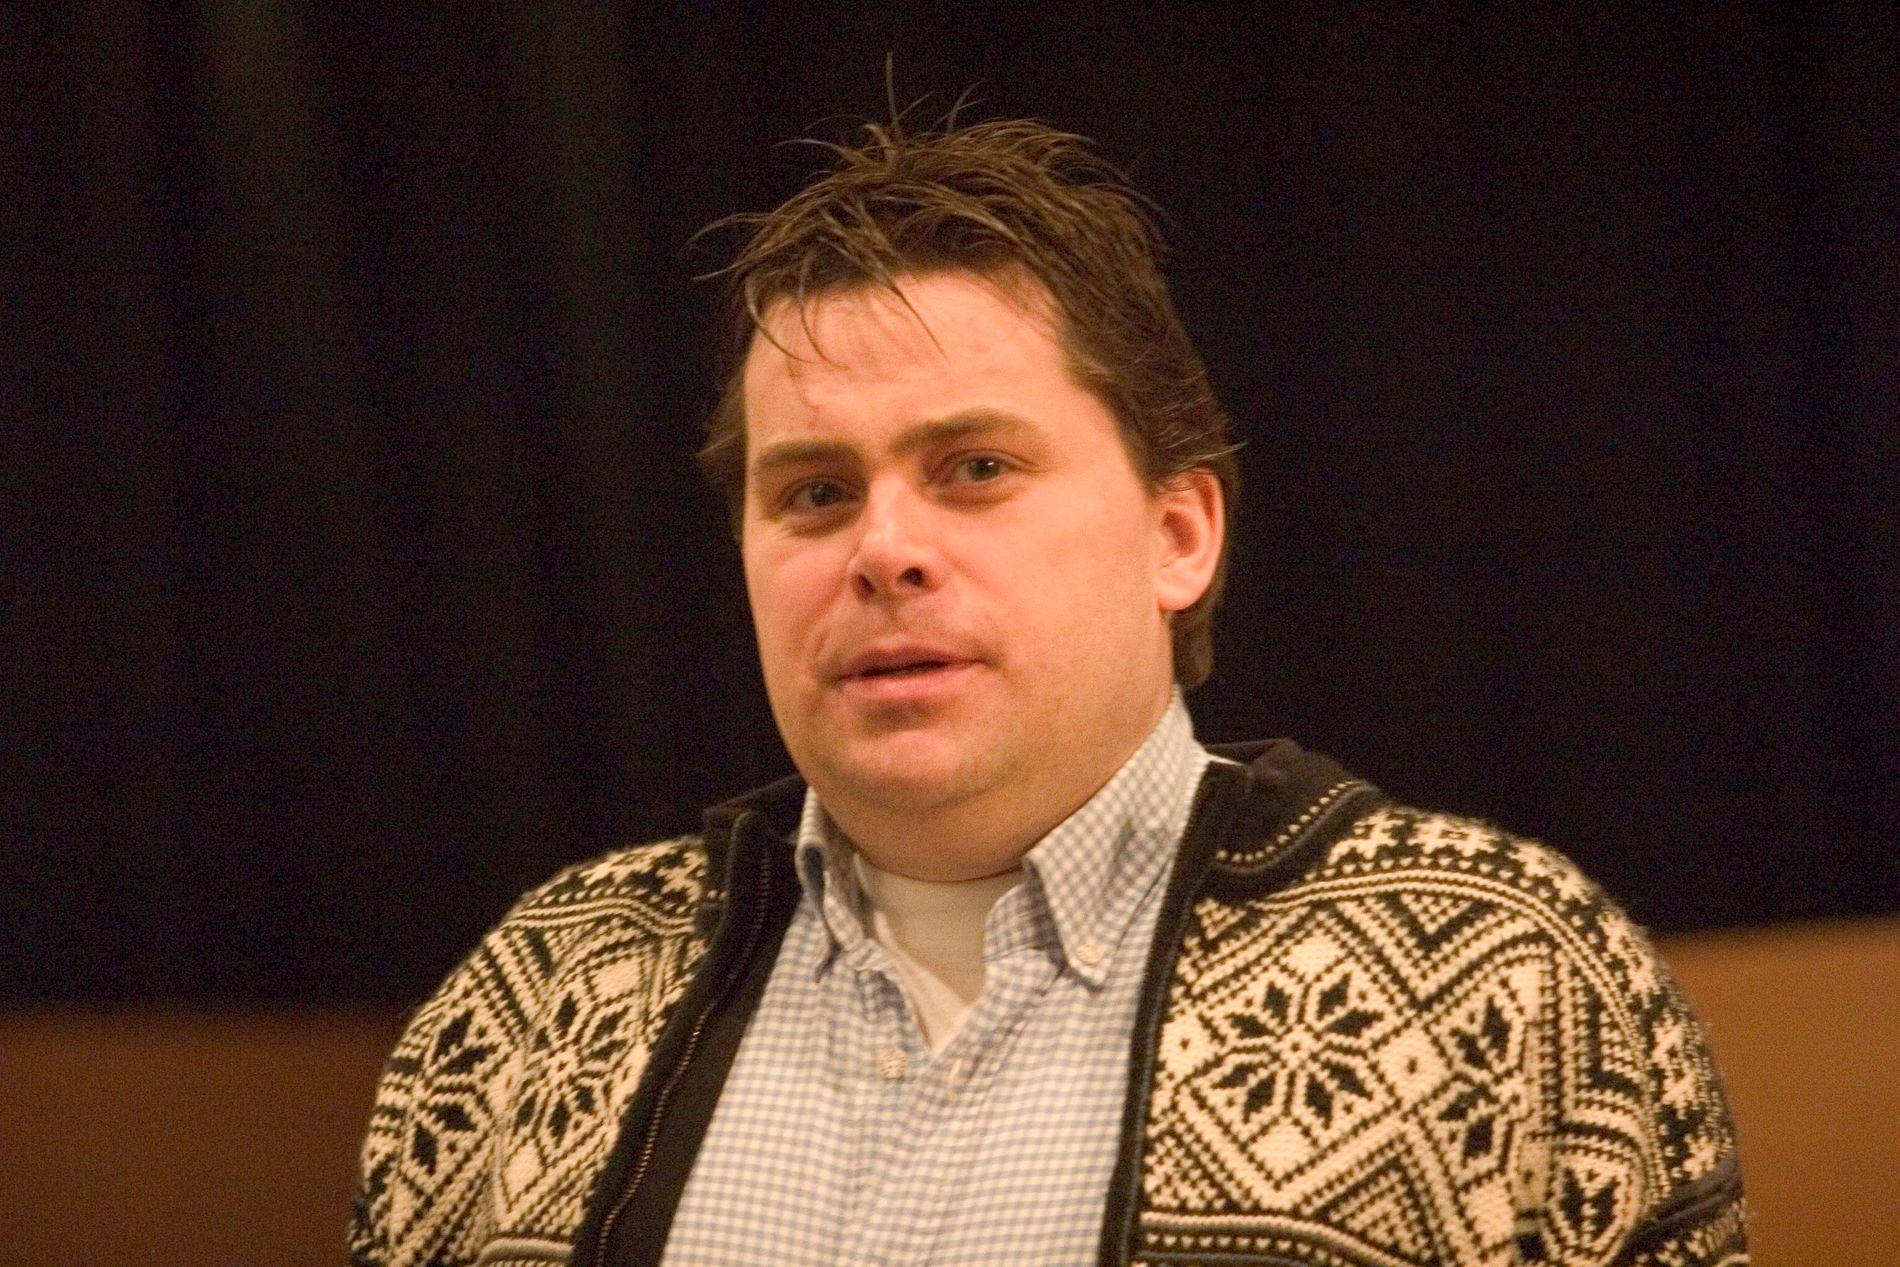 DØMT: Nokas-hovedmannen David Aleksander Toska (40) ble dømt til 20 års ubetinget fengsel i Høyestrett i 2007. Tiden i fengsel har blant annet brukt til å studere matte og fysikk.